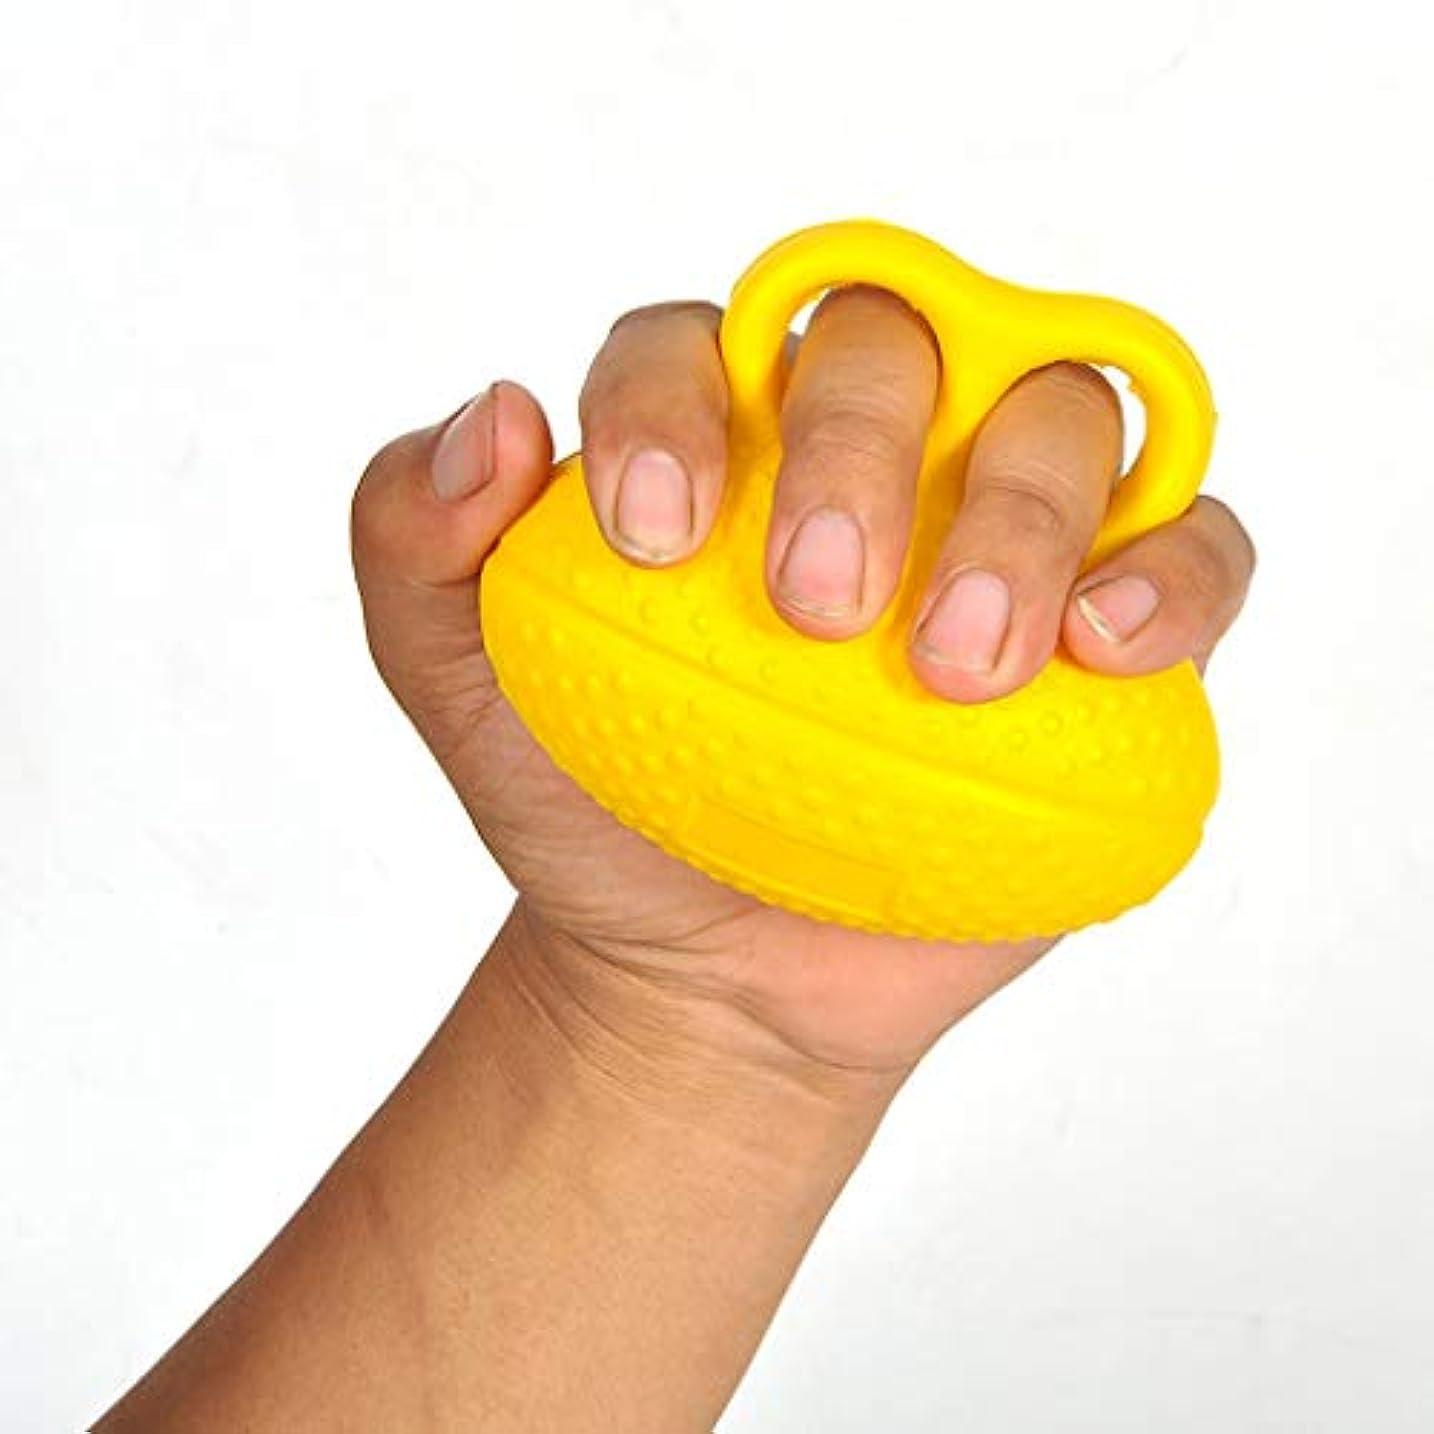 確かな雨フォーマルダブル指の卵形の脳卒中患者のためのフィンガーグリップ機器、手スクワット、手首に巻かれた患者のためのフィンガーグリップボール大人のリハビリテーション2本指グリップ